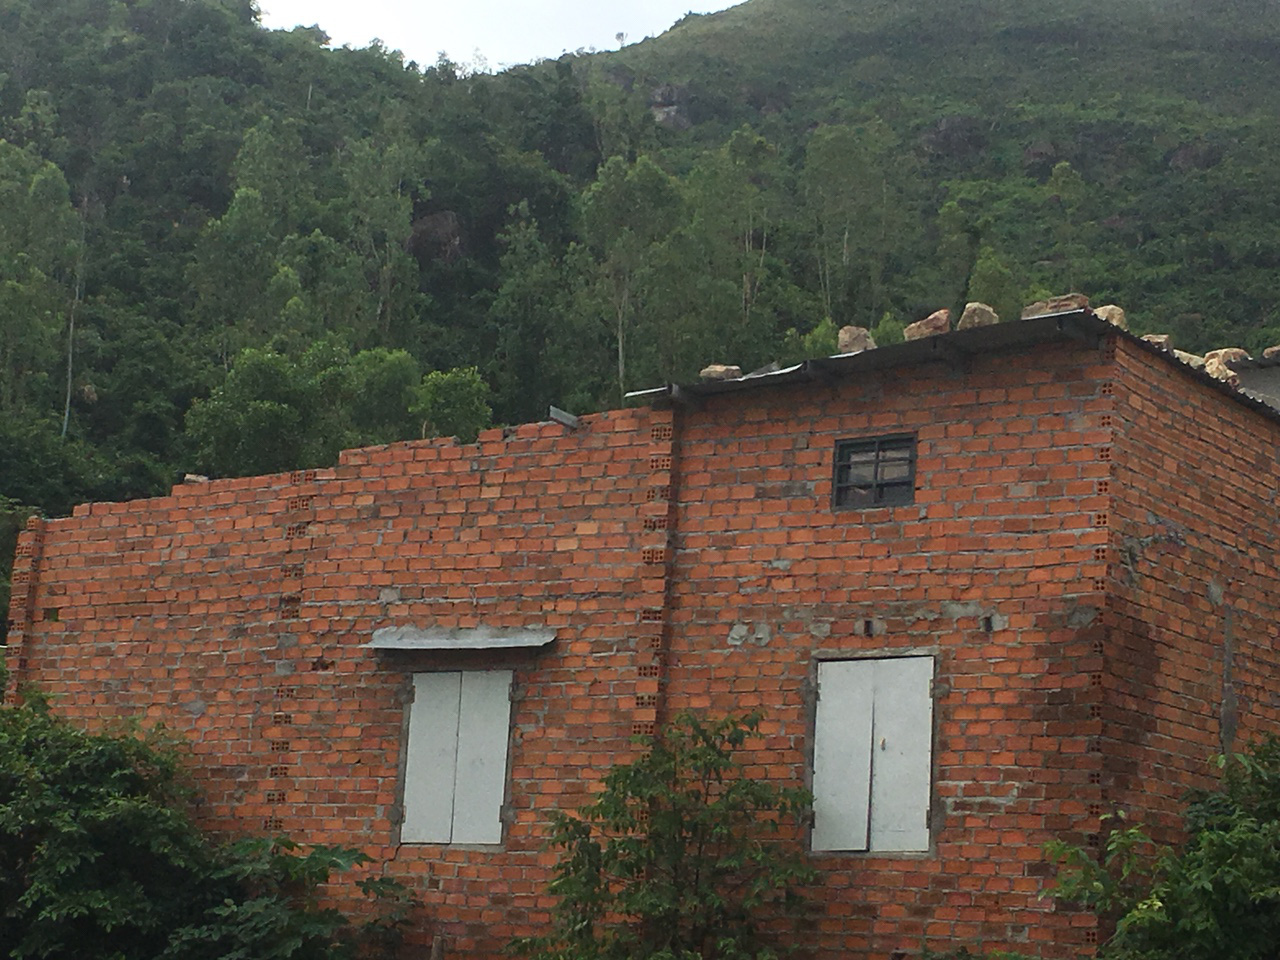 Dân xóm núi sống trong thấp thỏm, lo âu - Ảnh 3.